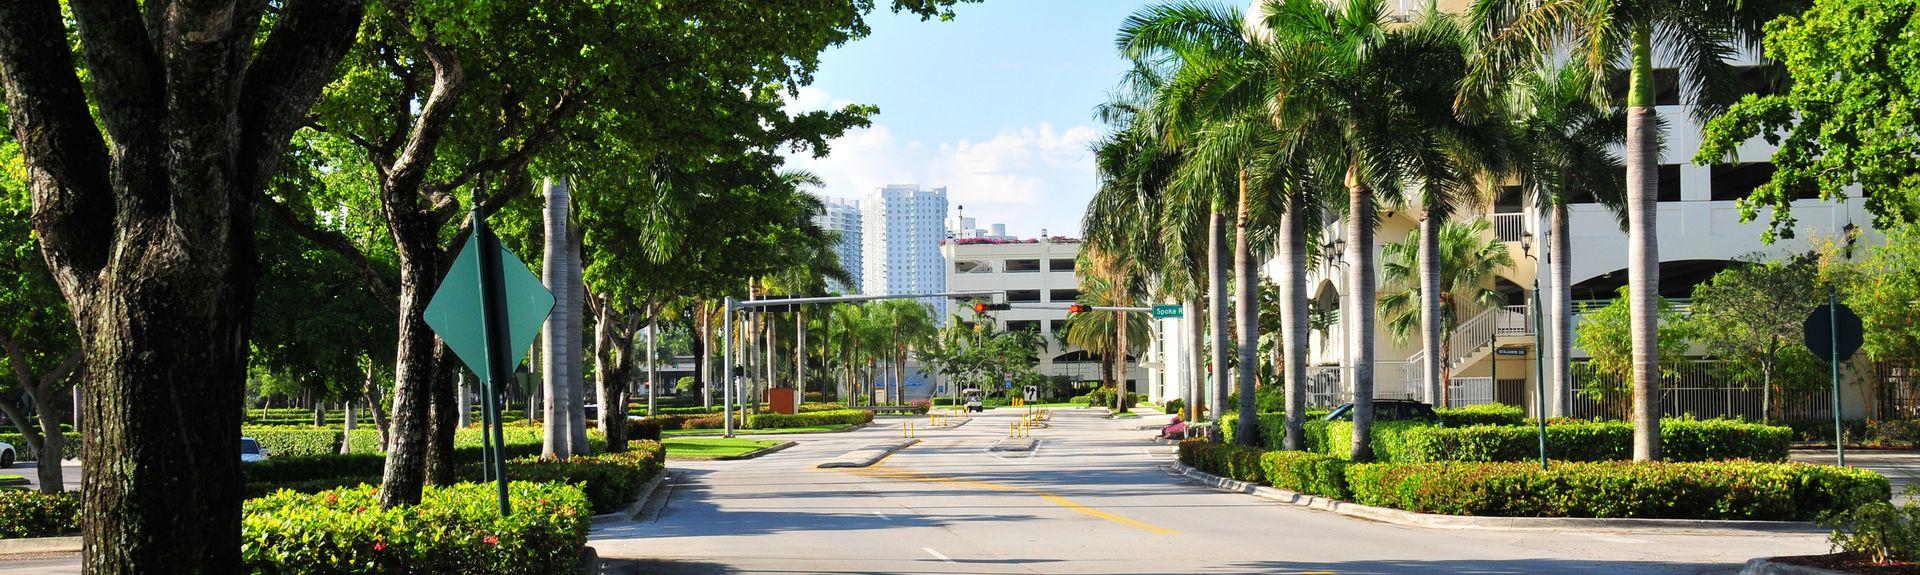 Aventura, Floride, États-Unis d'Amérique